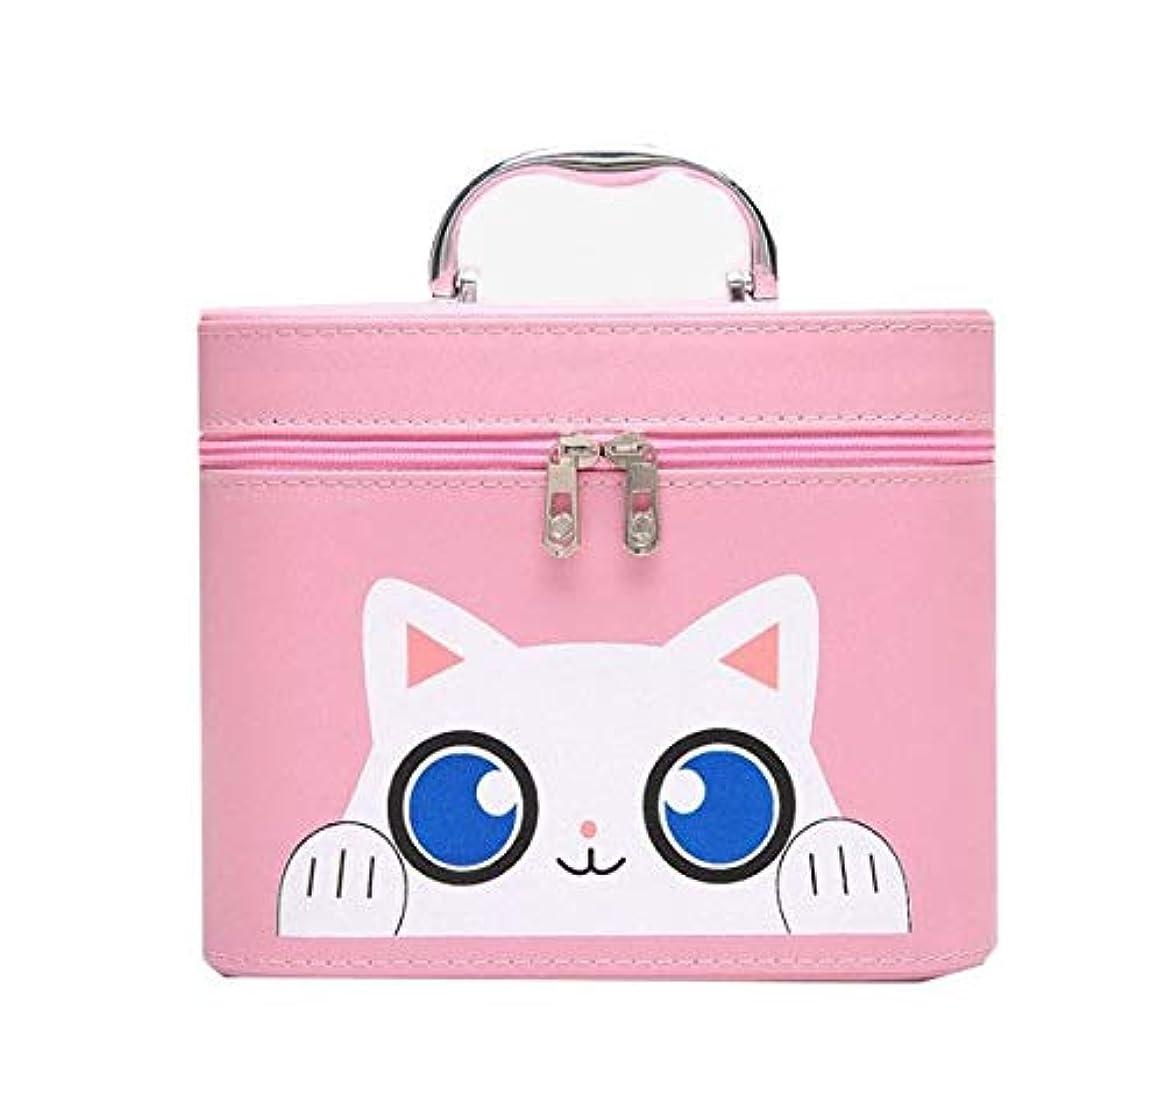 ペット太平洋諸島六化粧箱、大容量漫画猫化粧品ケース、ポータブル旅行化粧品ケース、美容ネイルジュエリー収納ボックス (Size : S)